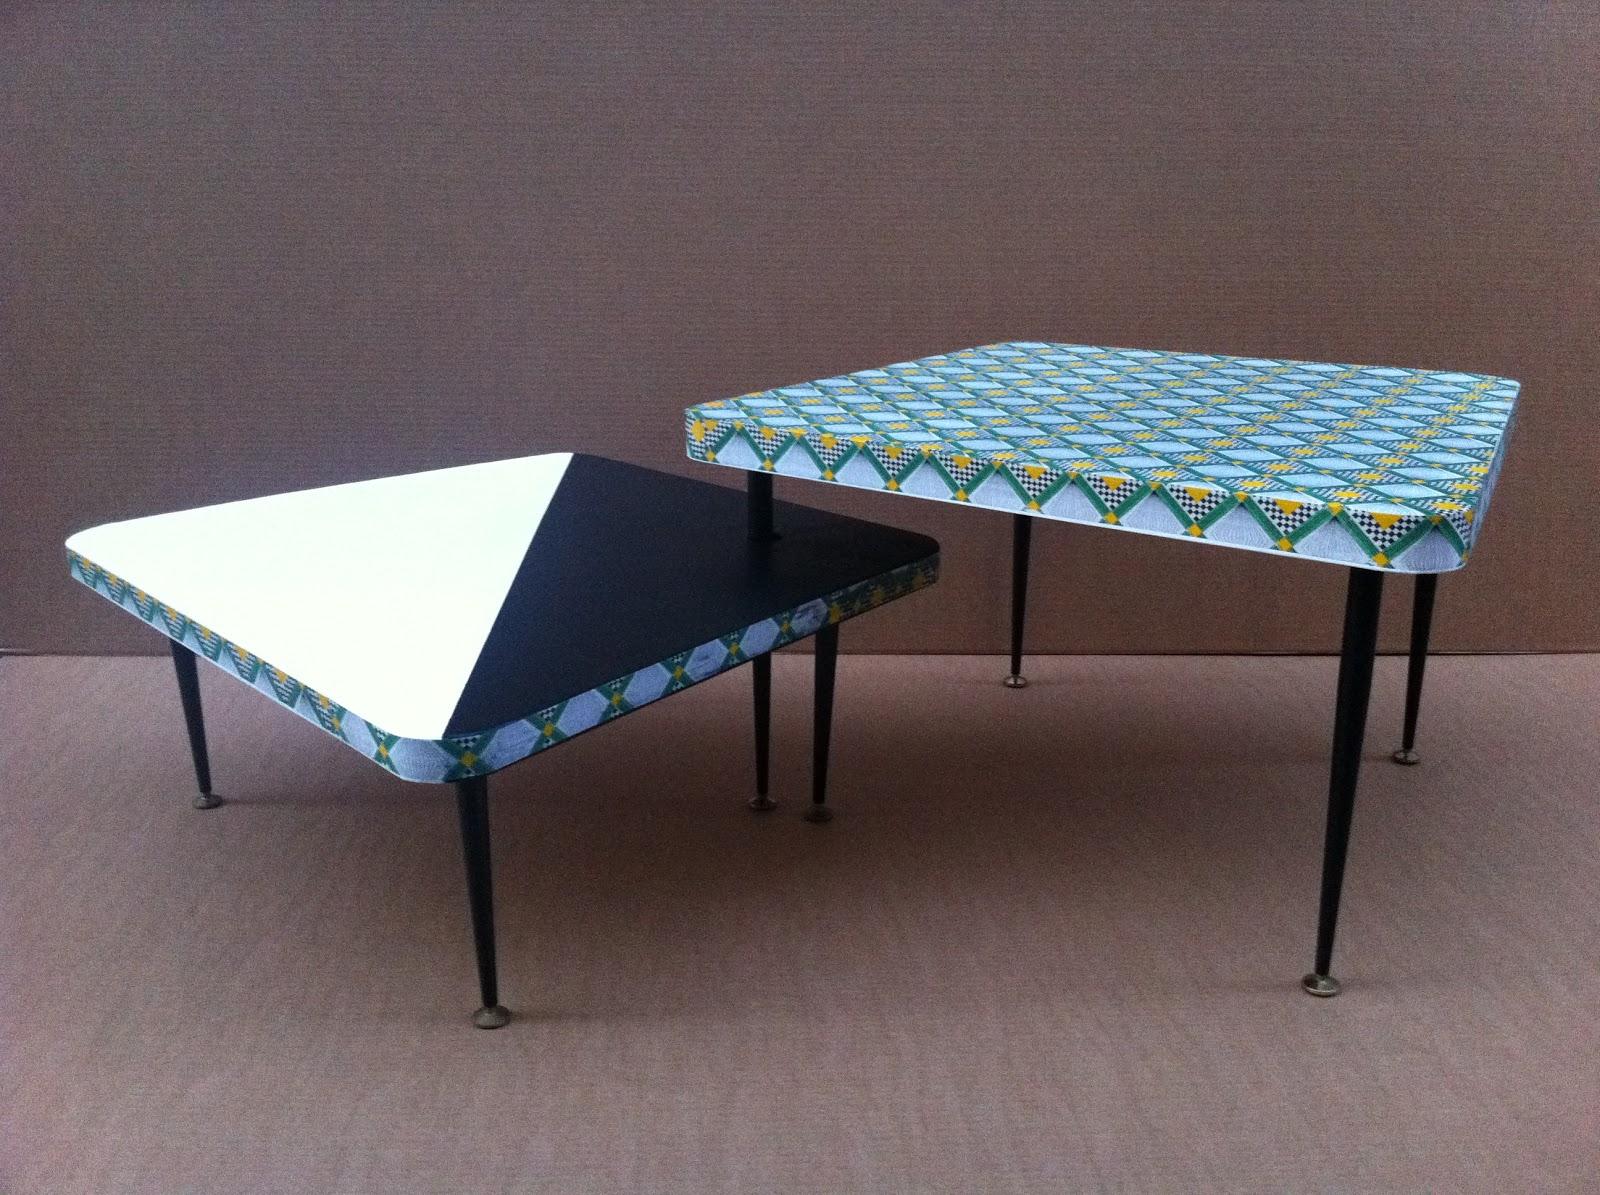 table basse en carton avec pieds en métal. table basse en carton motif géométrique fabriquée à marseille par juliadesign